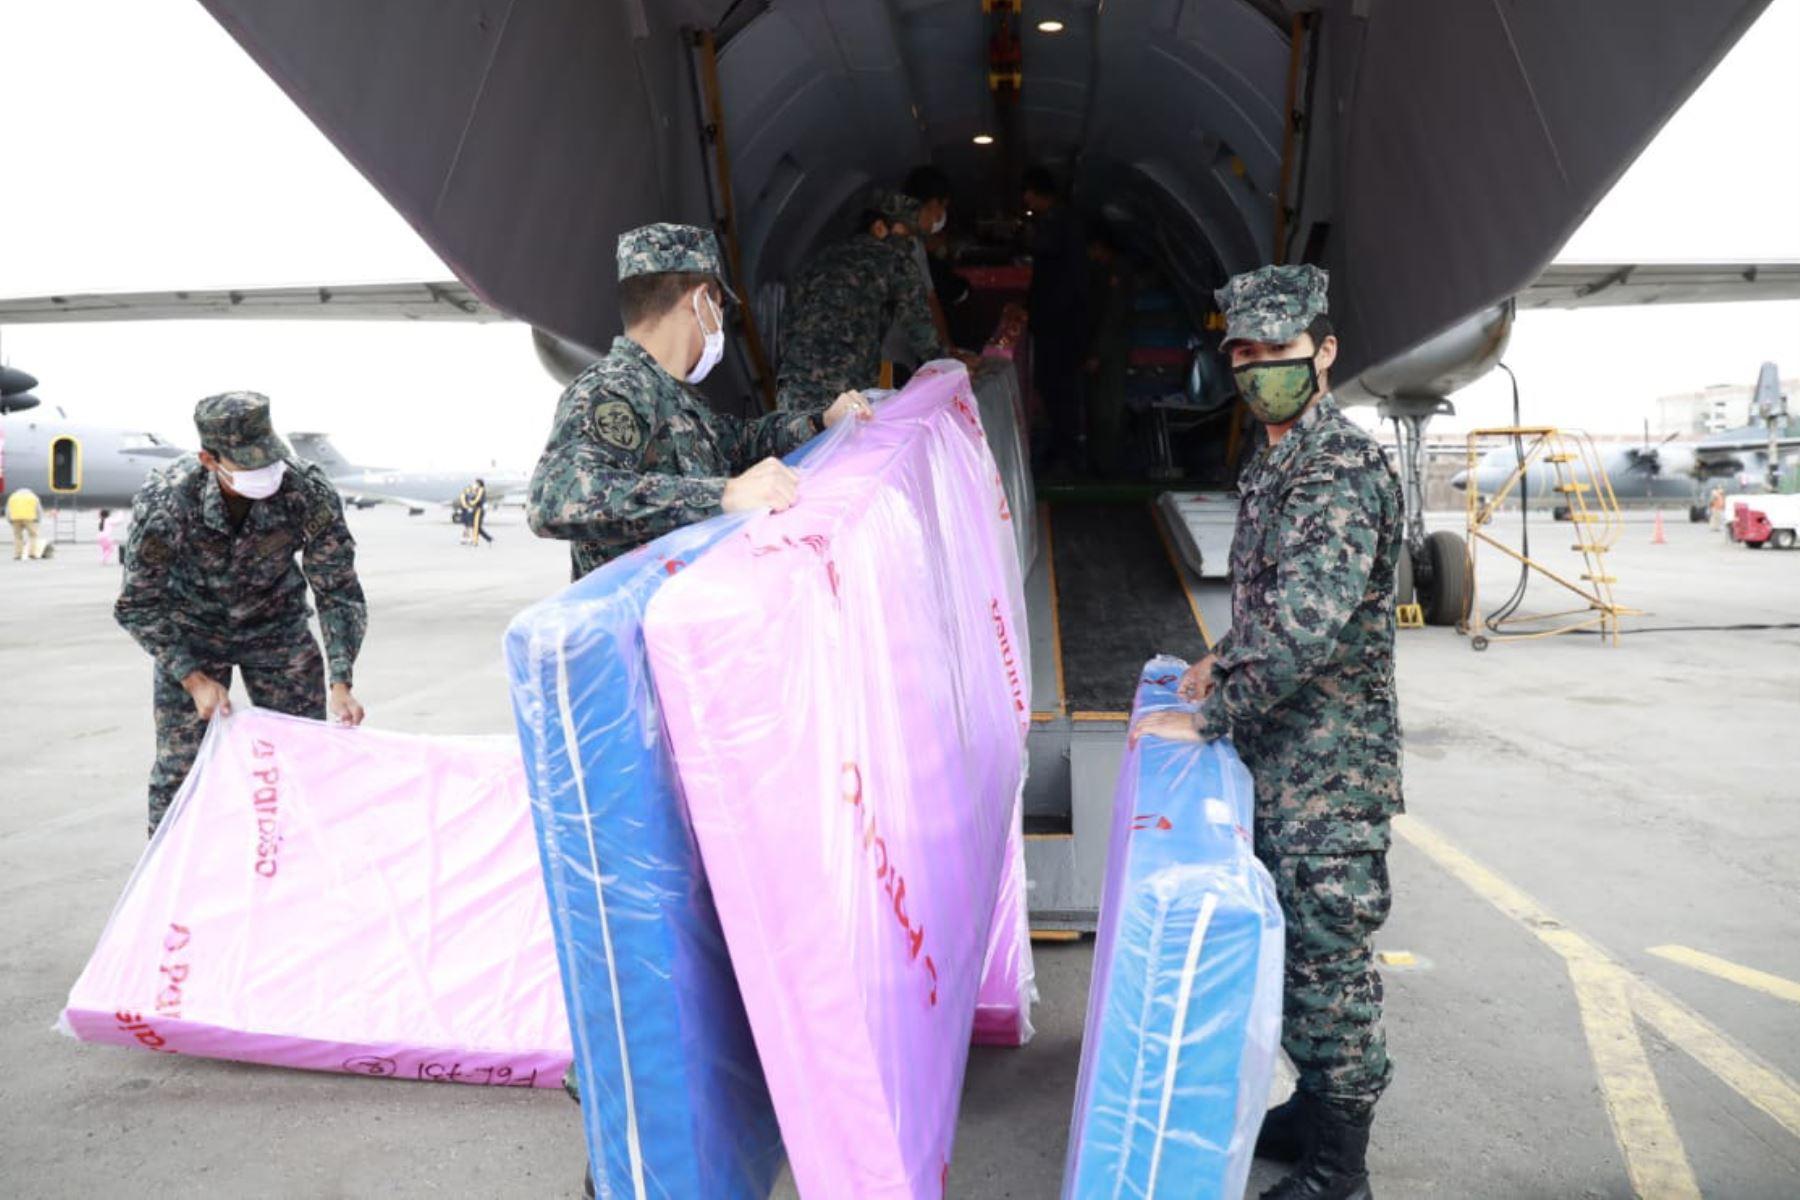 Ministerio de Vivienda traslada cargamento de dos toneladas de ayuda humanitaria, equipos médicos y alimentos  a la región Puno, entregados por Minsa e Indeci. Foto: Ministerio de Vivienda